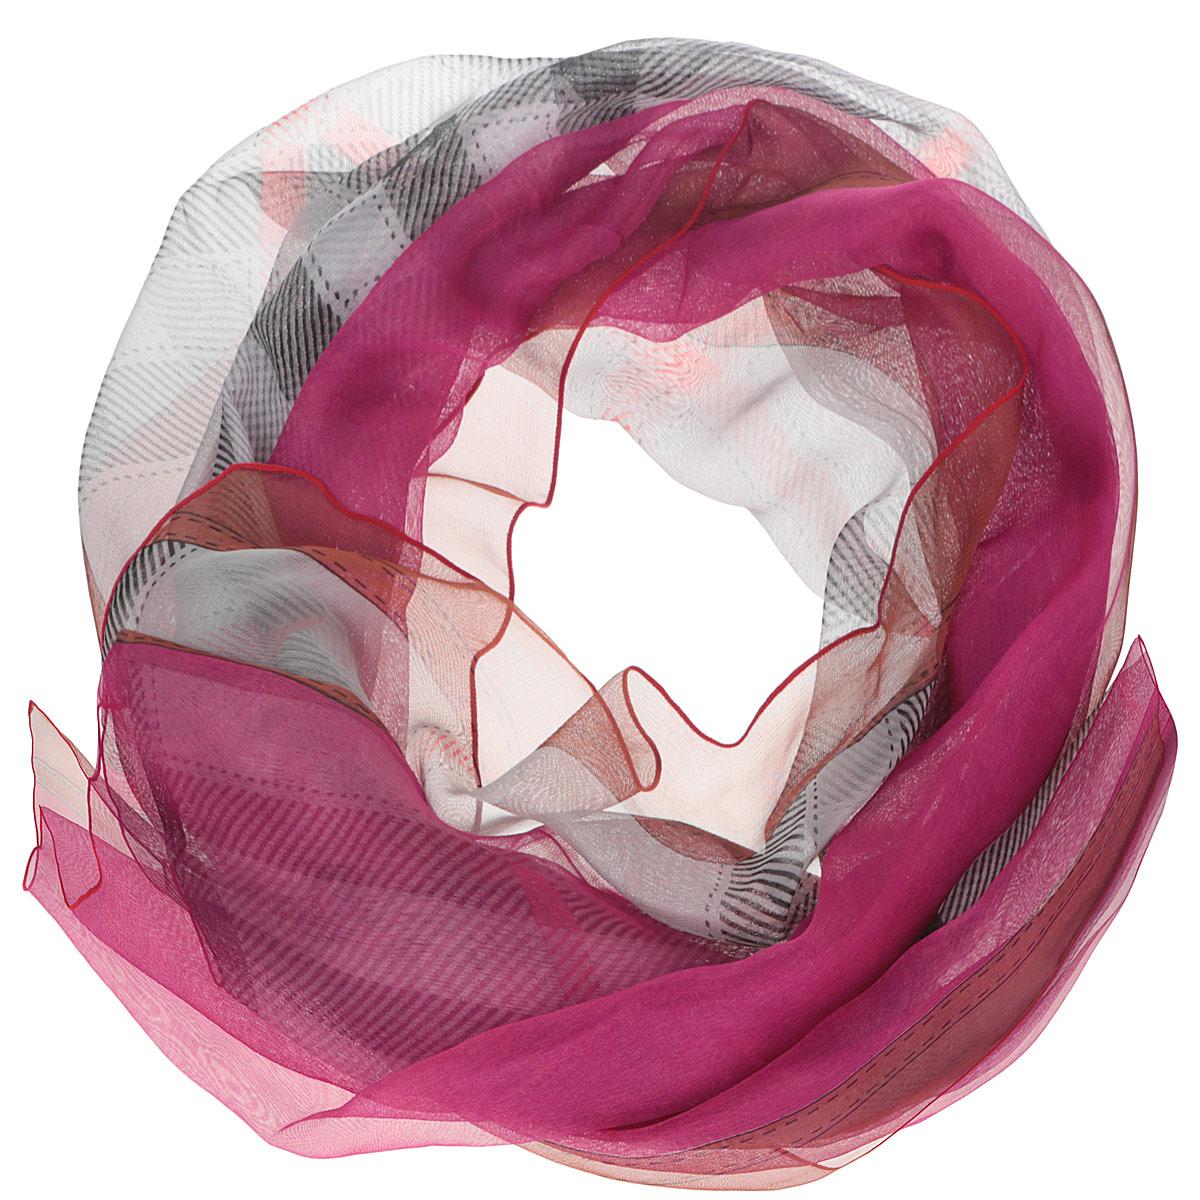 Шарф женский Fabretti, цвет: светло-серый, малиновый, коричневый. RL0068-1. Размер 175 см х 95 смRL0068-1Женский шарф Fabretti позволит вам создать неповторимый и запоминающийся образ. Изготовленный из высококачественных материалов, он очень тонкий и легкий, имеет приятную на ощупь текстуру. Модель оформлена принтом в клетку, а также принтом с узорами. Такой аксессуар станет стильным дополнением к гардеробу современной женщины, стремящейся всегда оставаться яркой и элегантной.